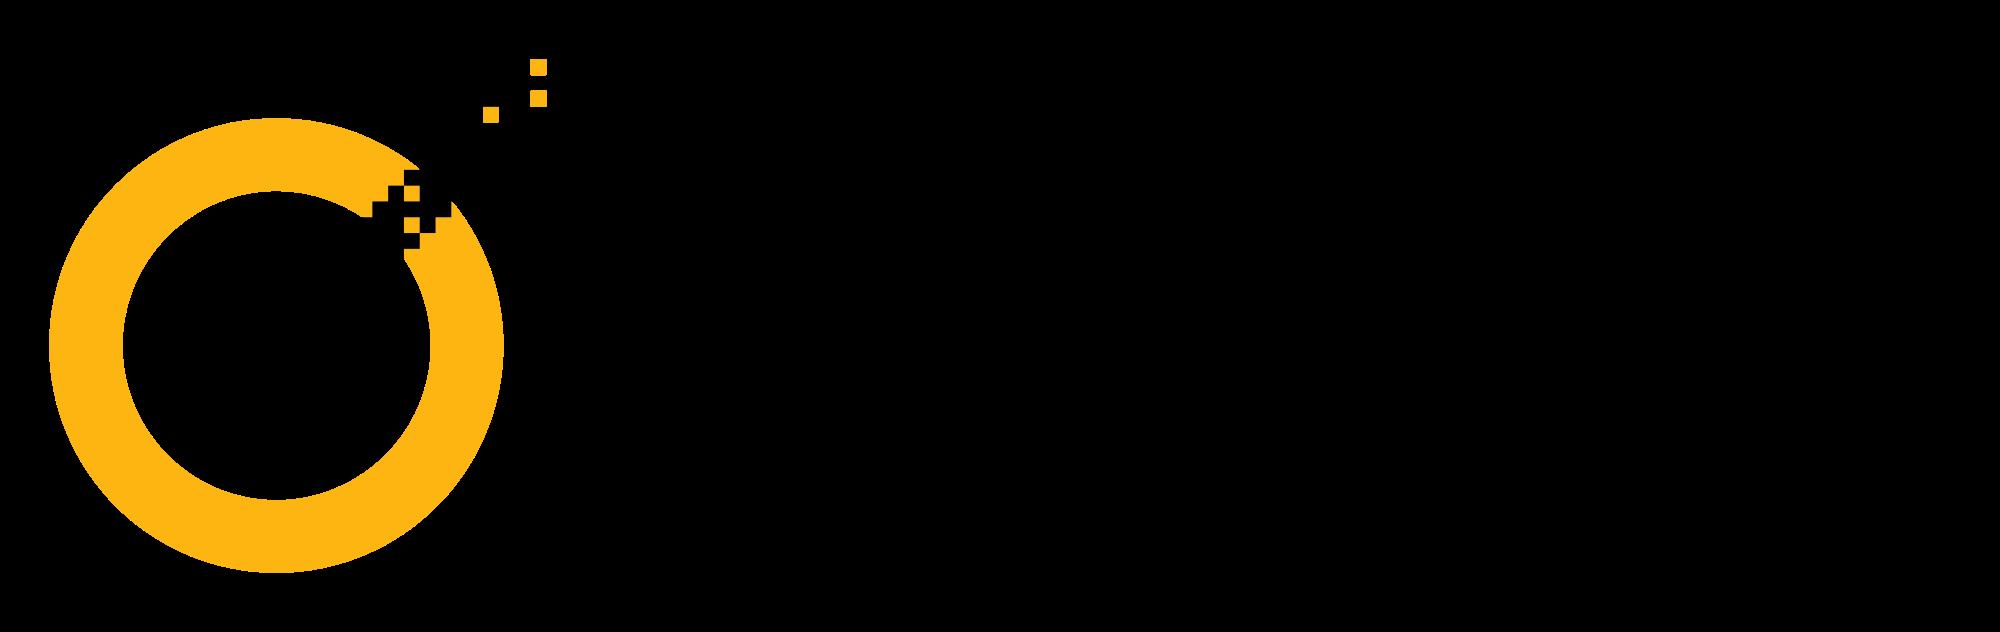 Symantec IT Management Suite logo